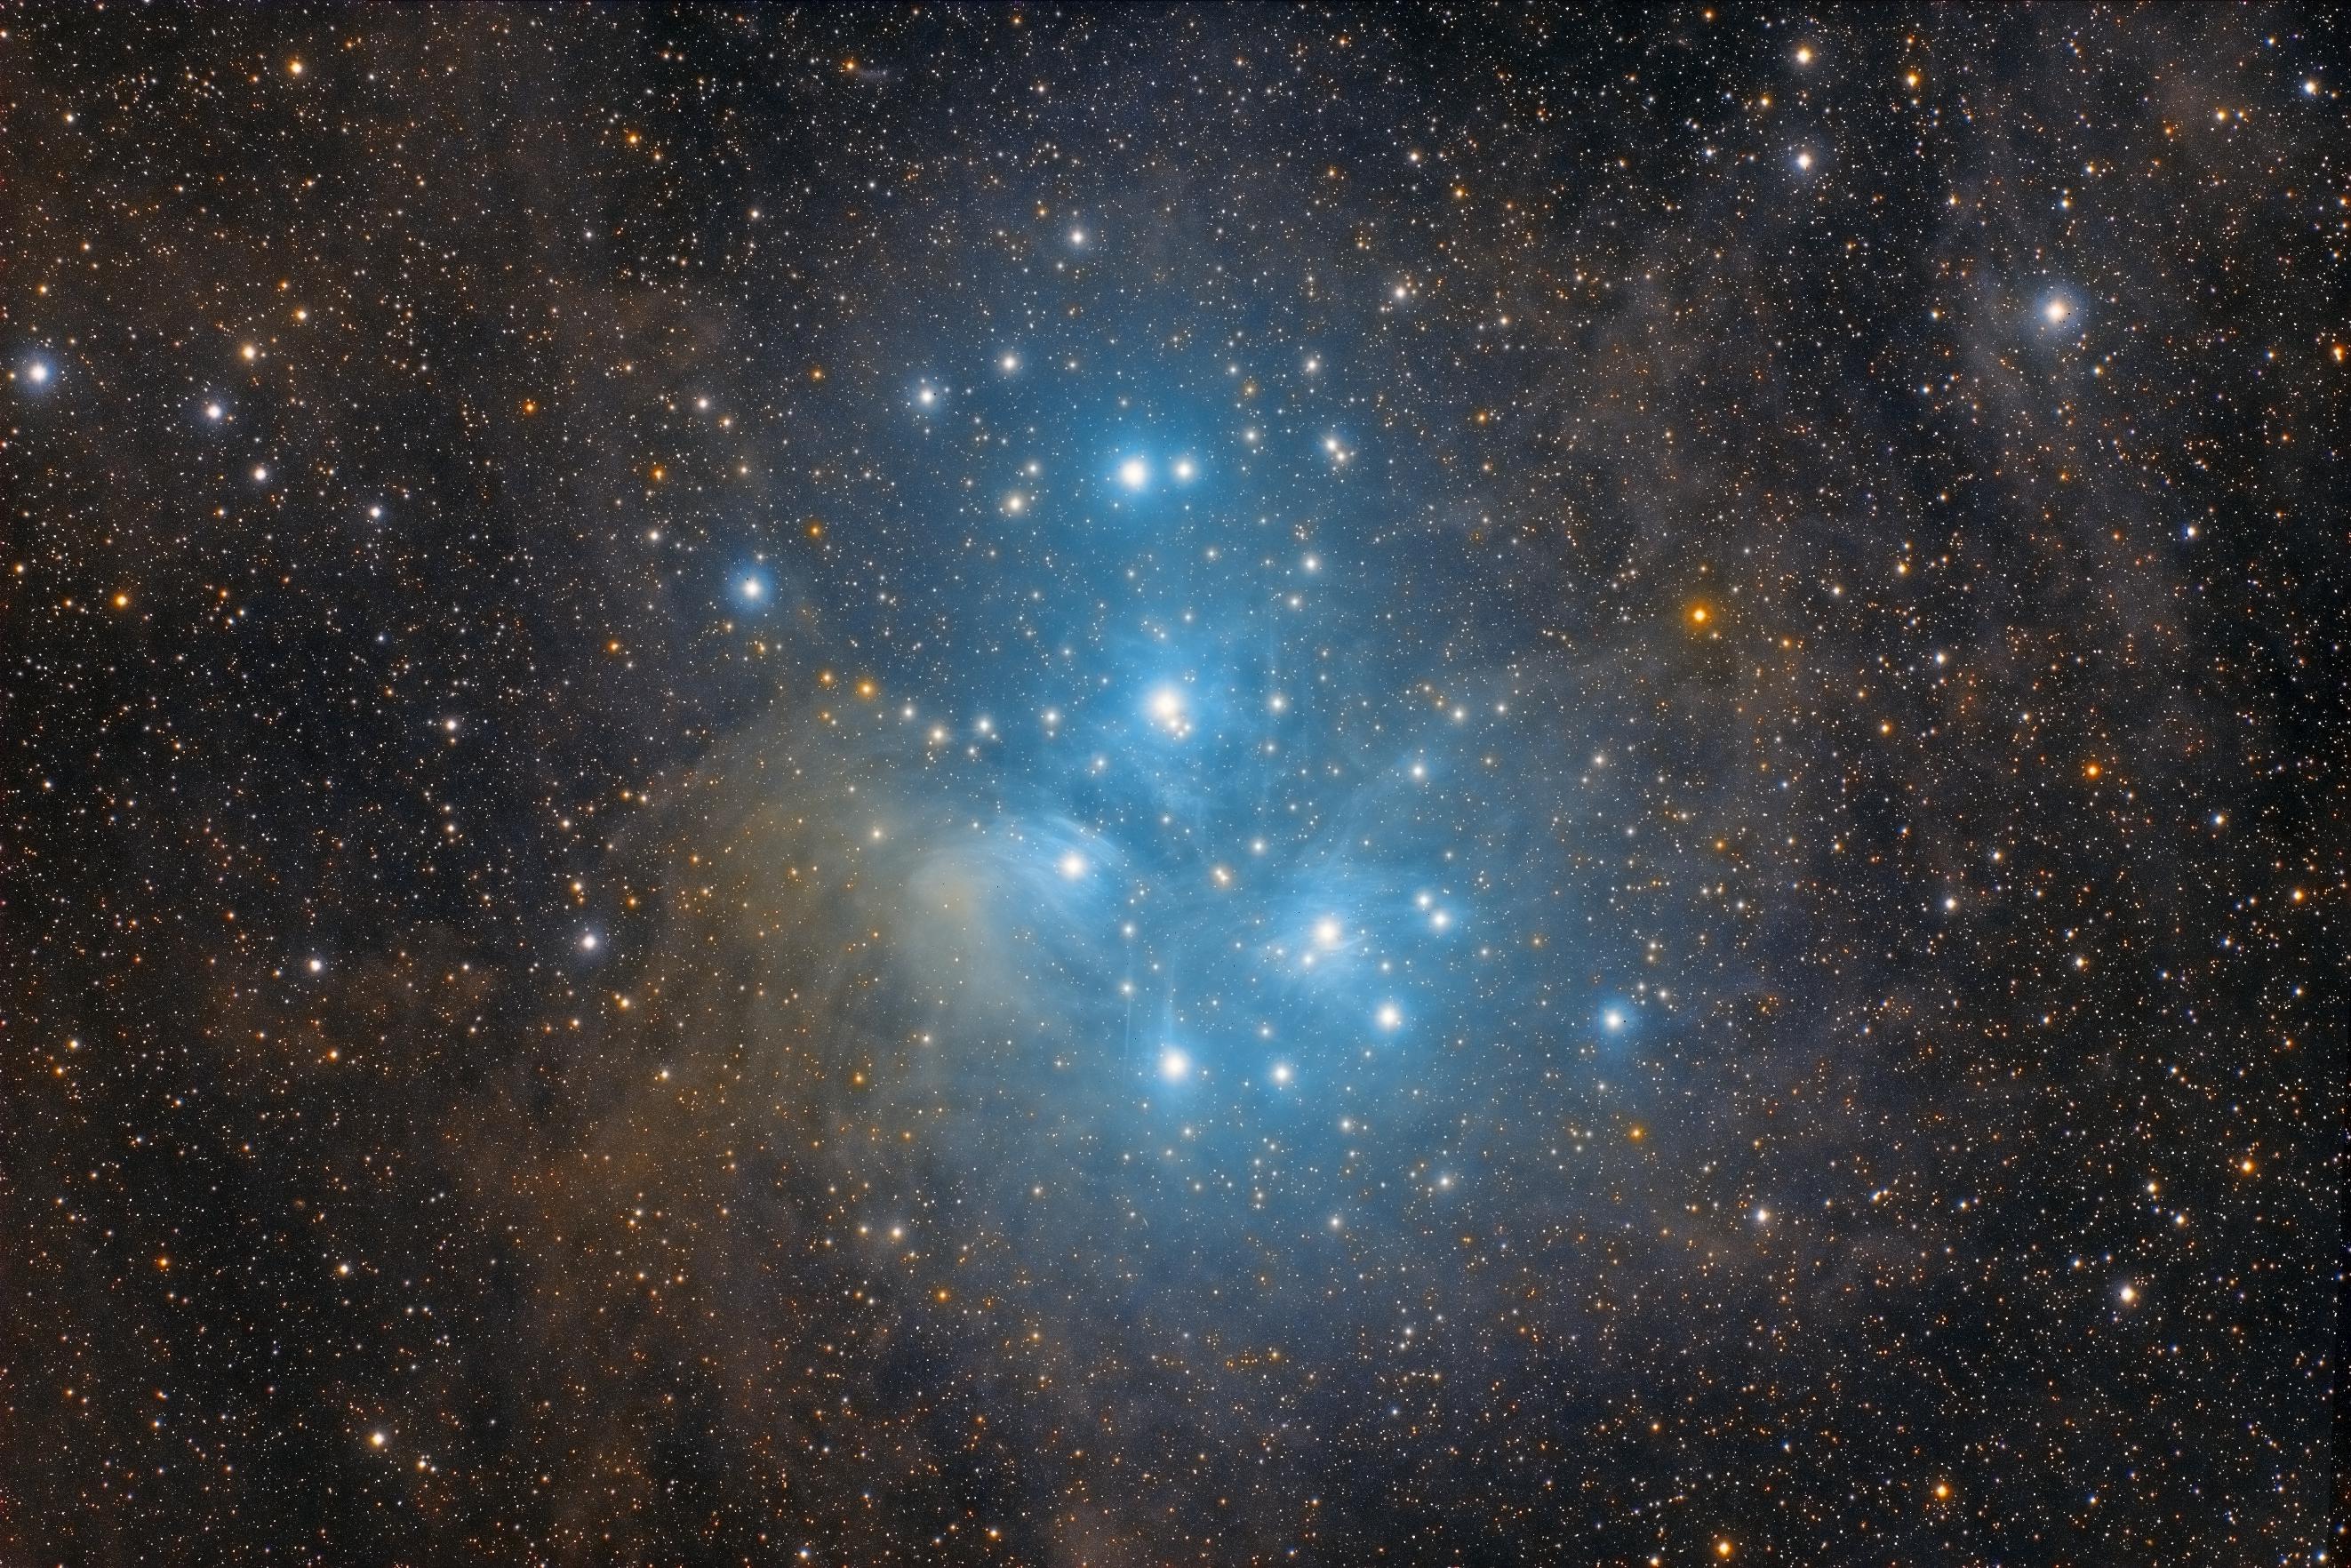 nasa photos of pleiades - photo #1